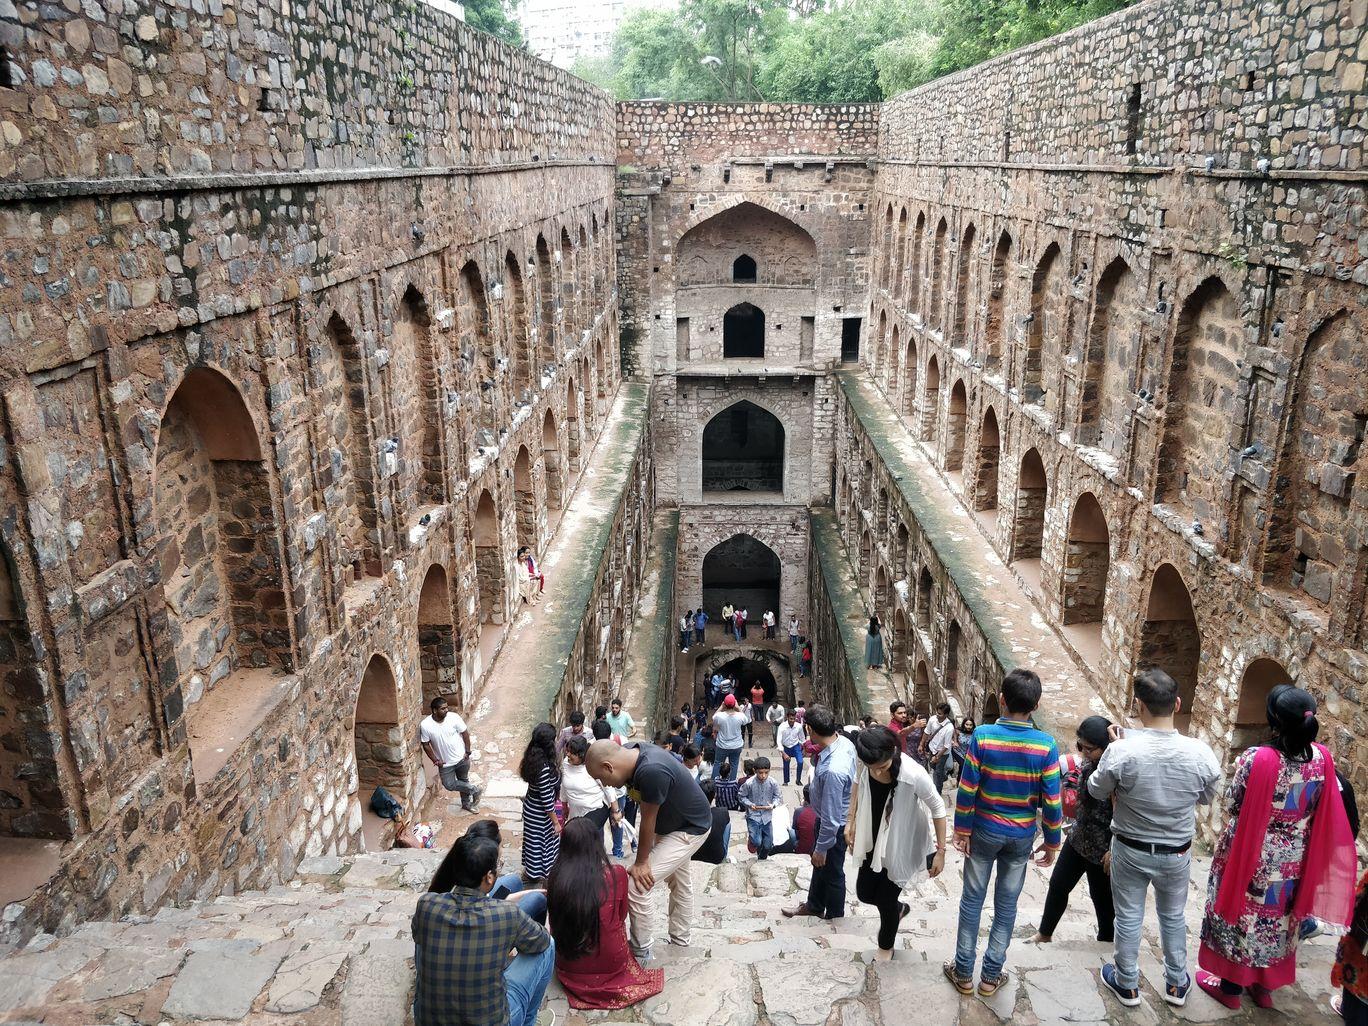 Photo of Ugrasen ki baoli By harshit manzhi